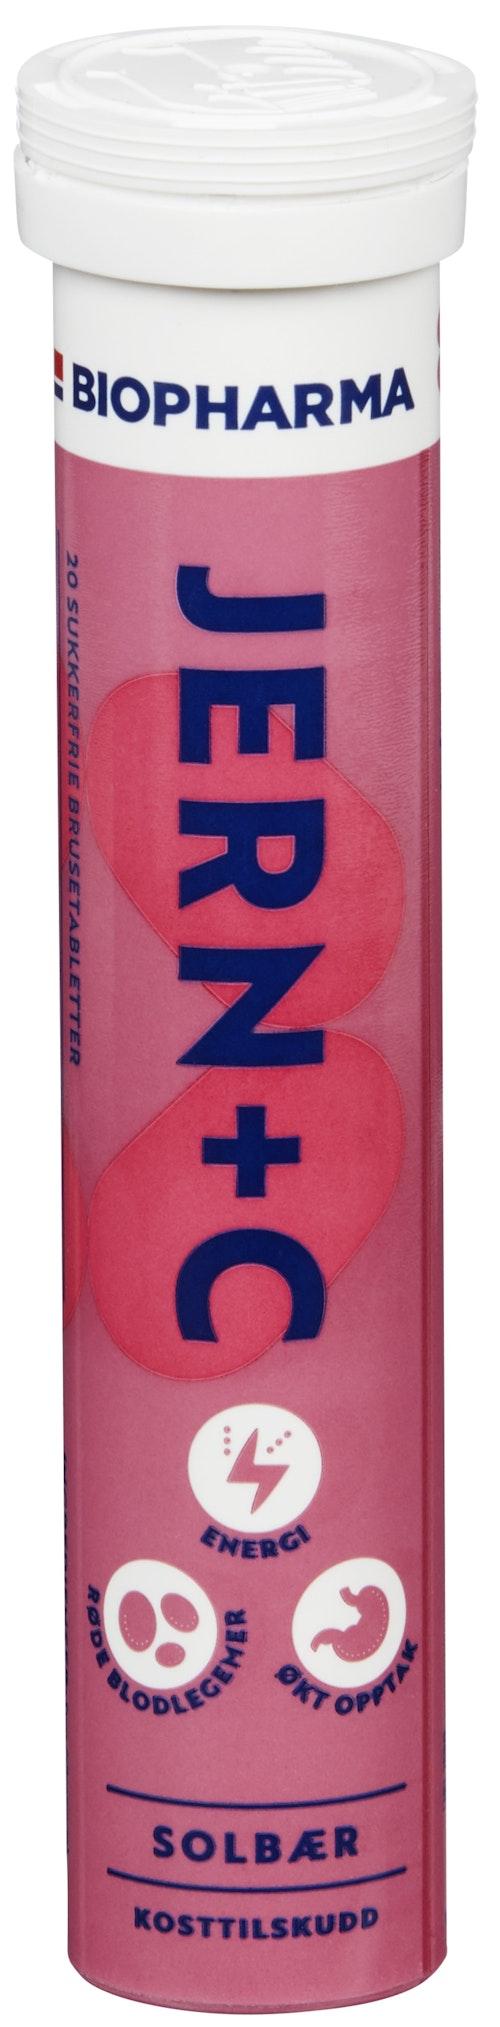 Biopharma Jern brusetablett solbærsmak, 20 stk